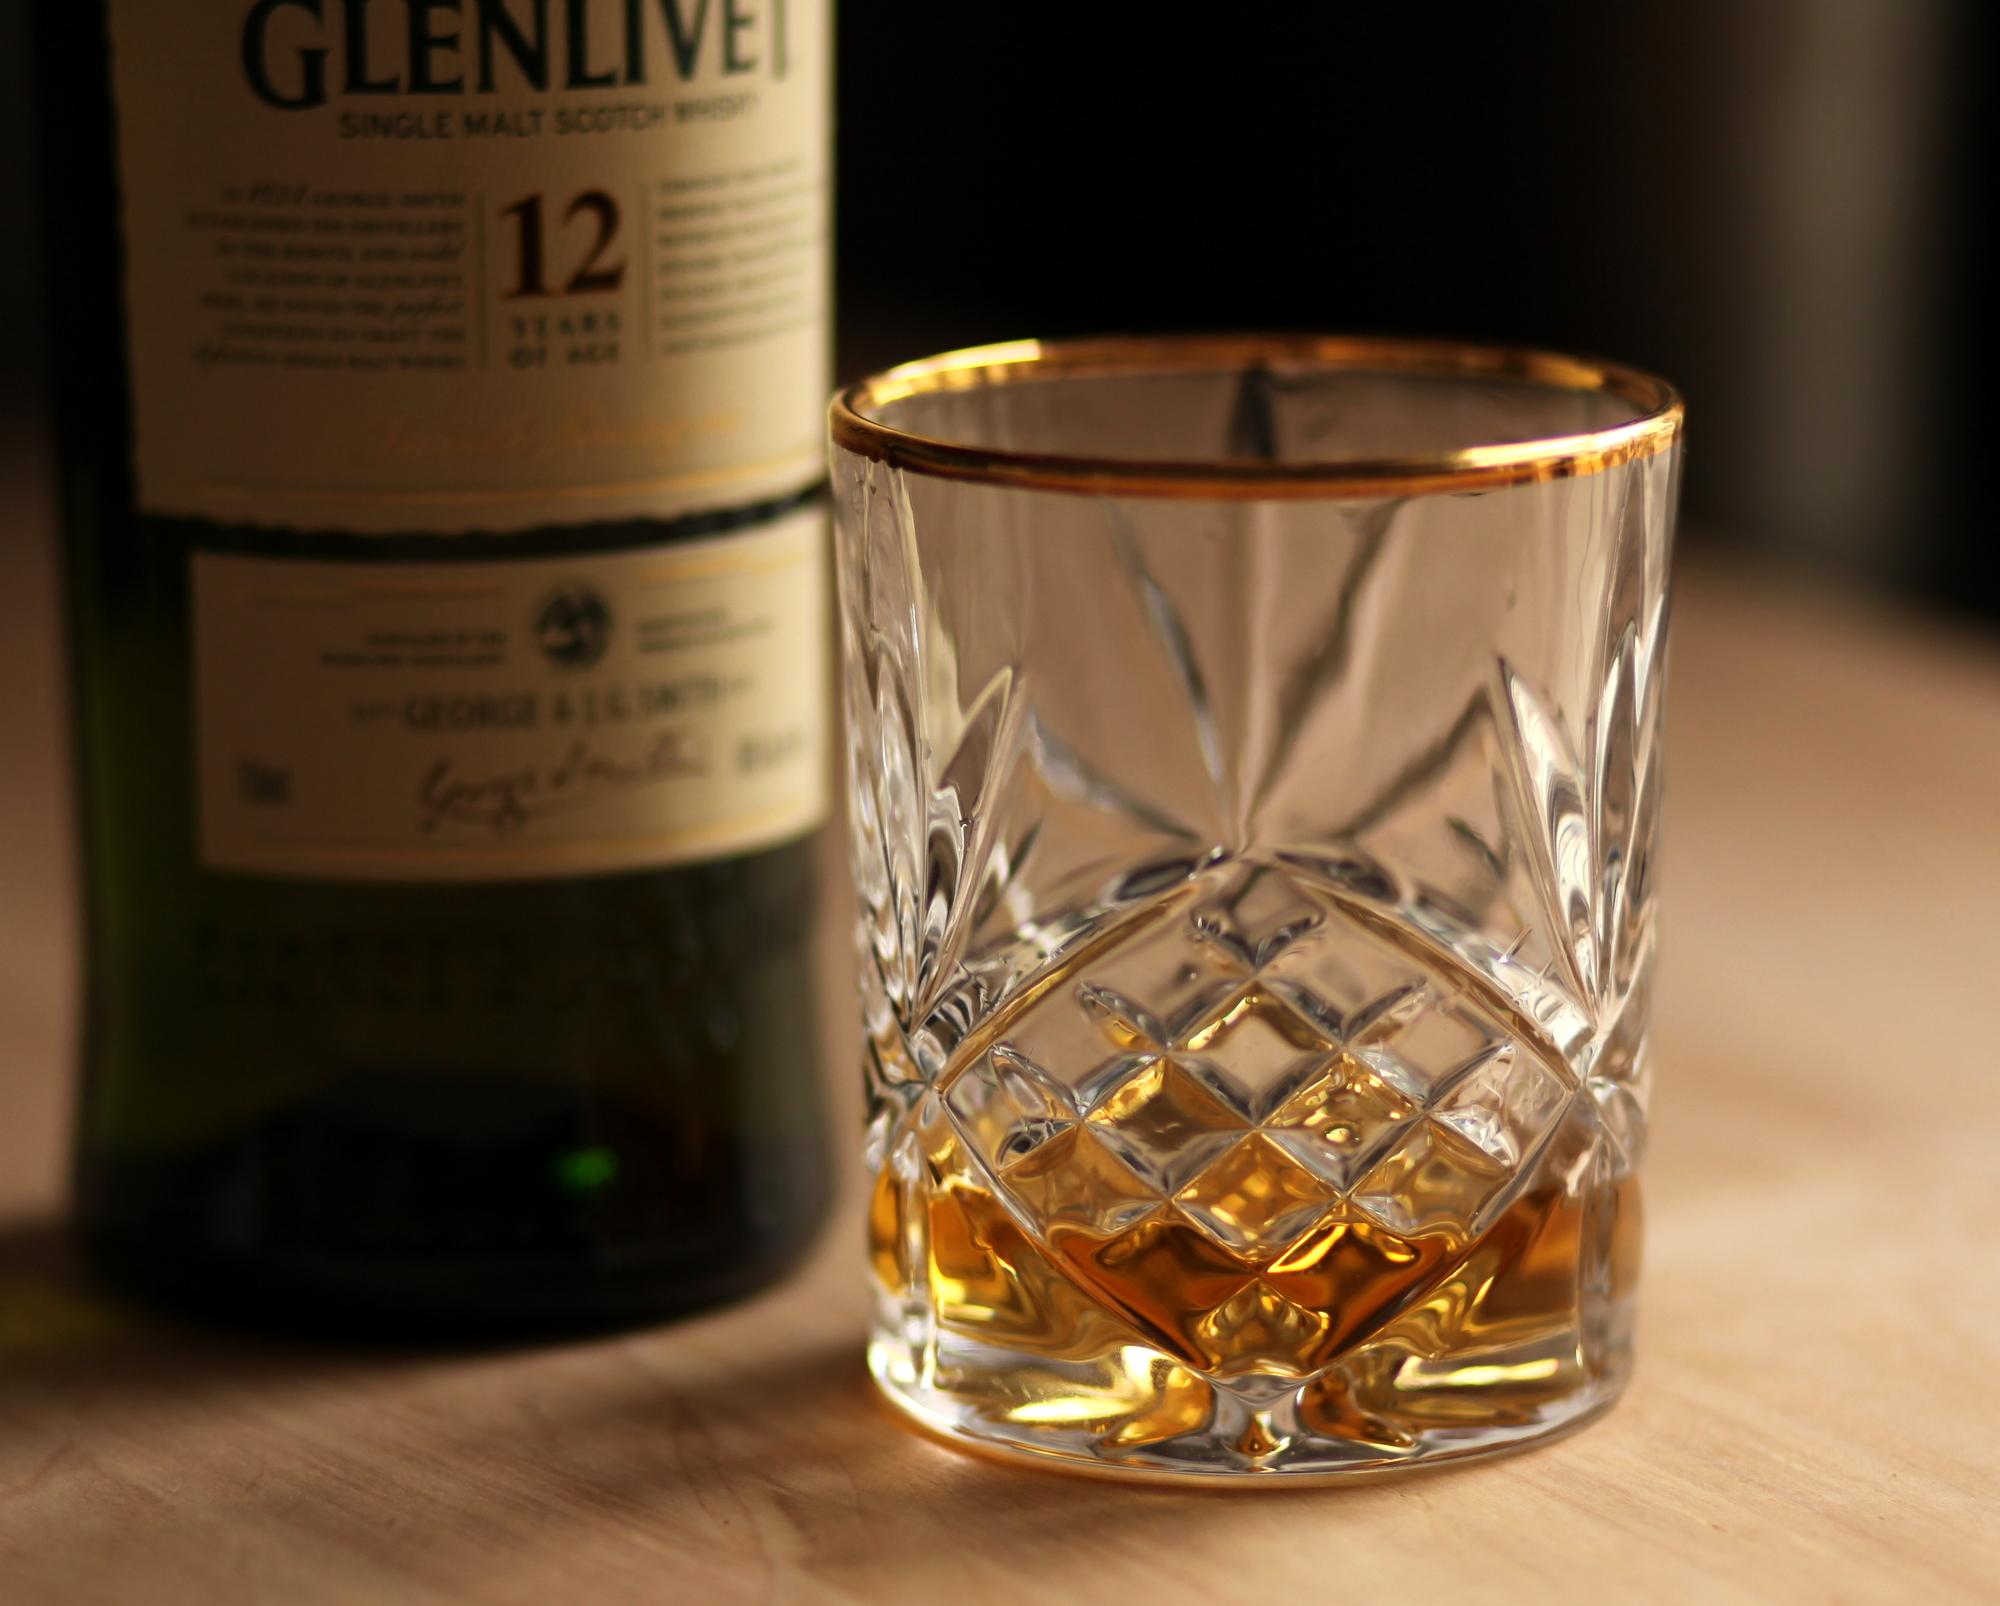 Glenlivet 12 Review